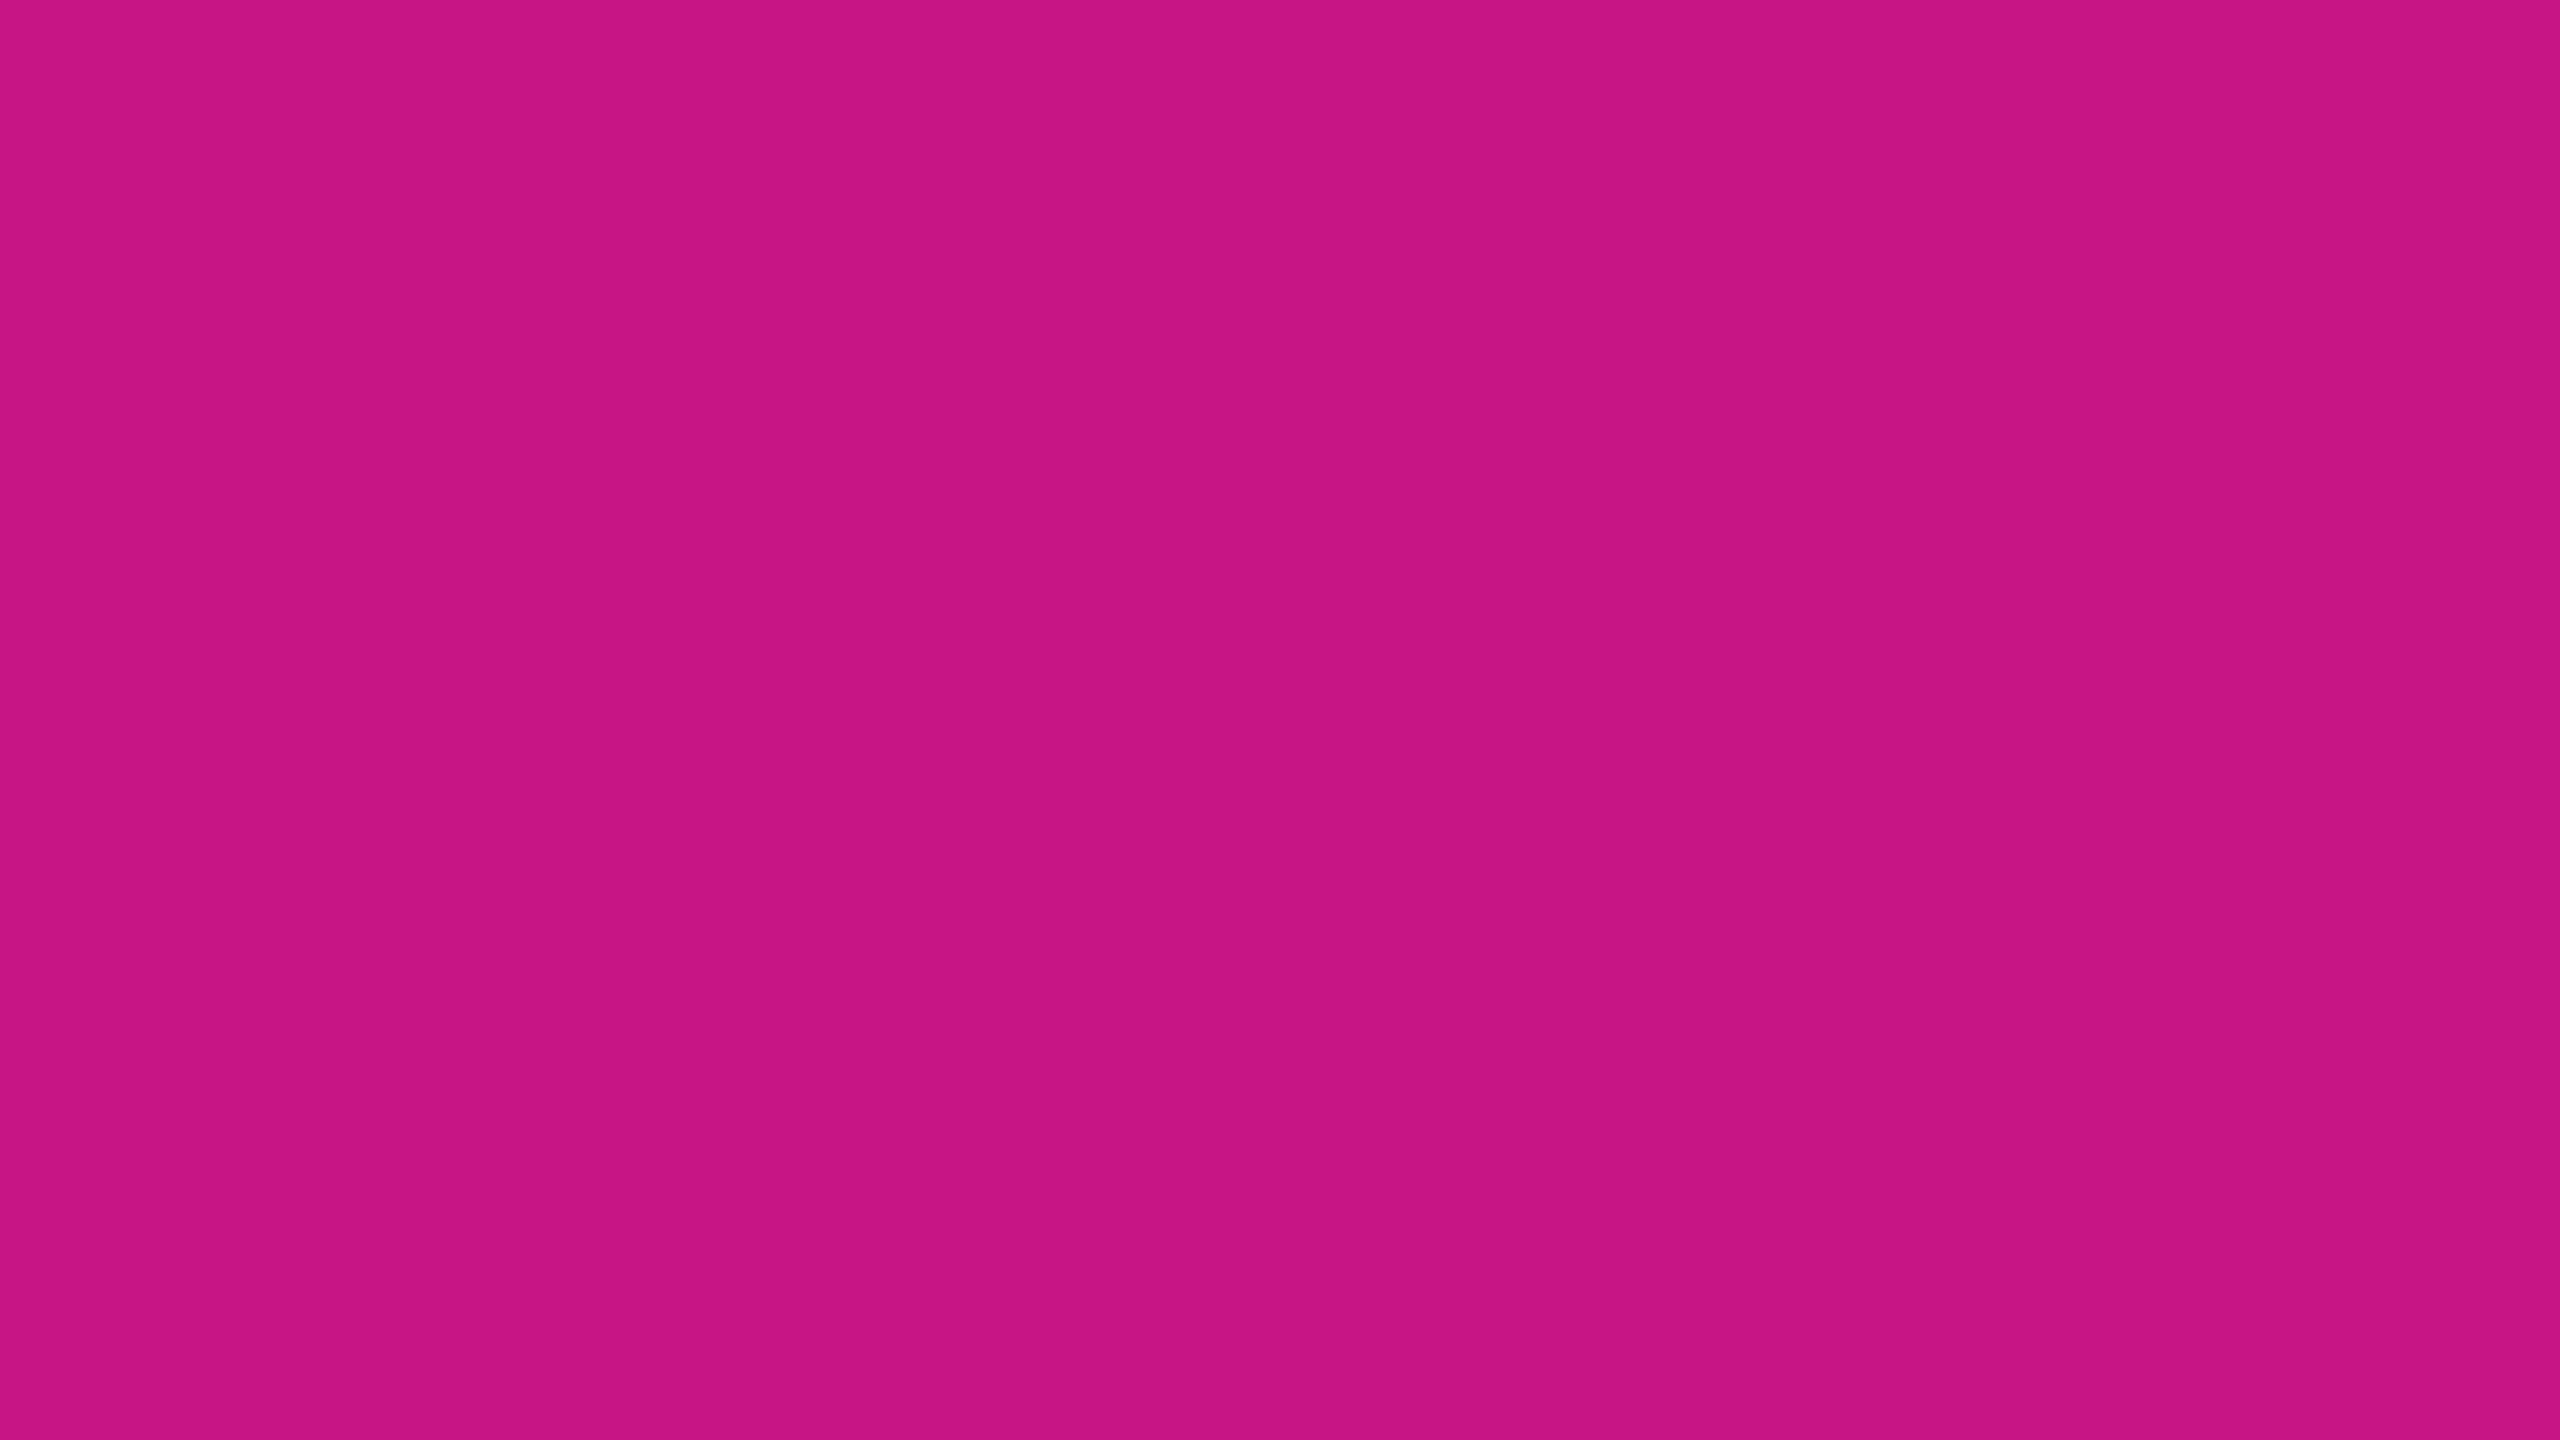 2560x1440 Red-violet Solid Color Background